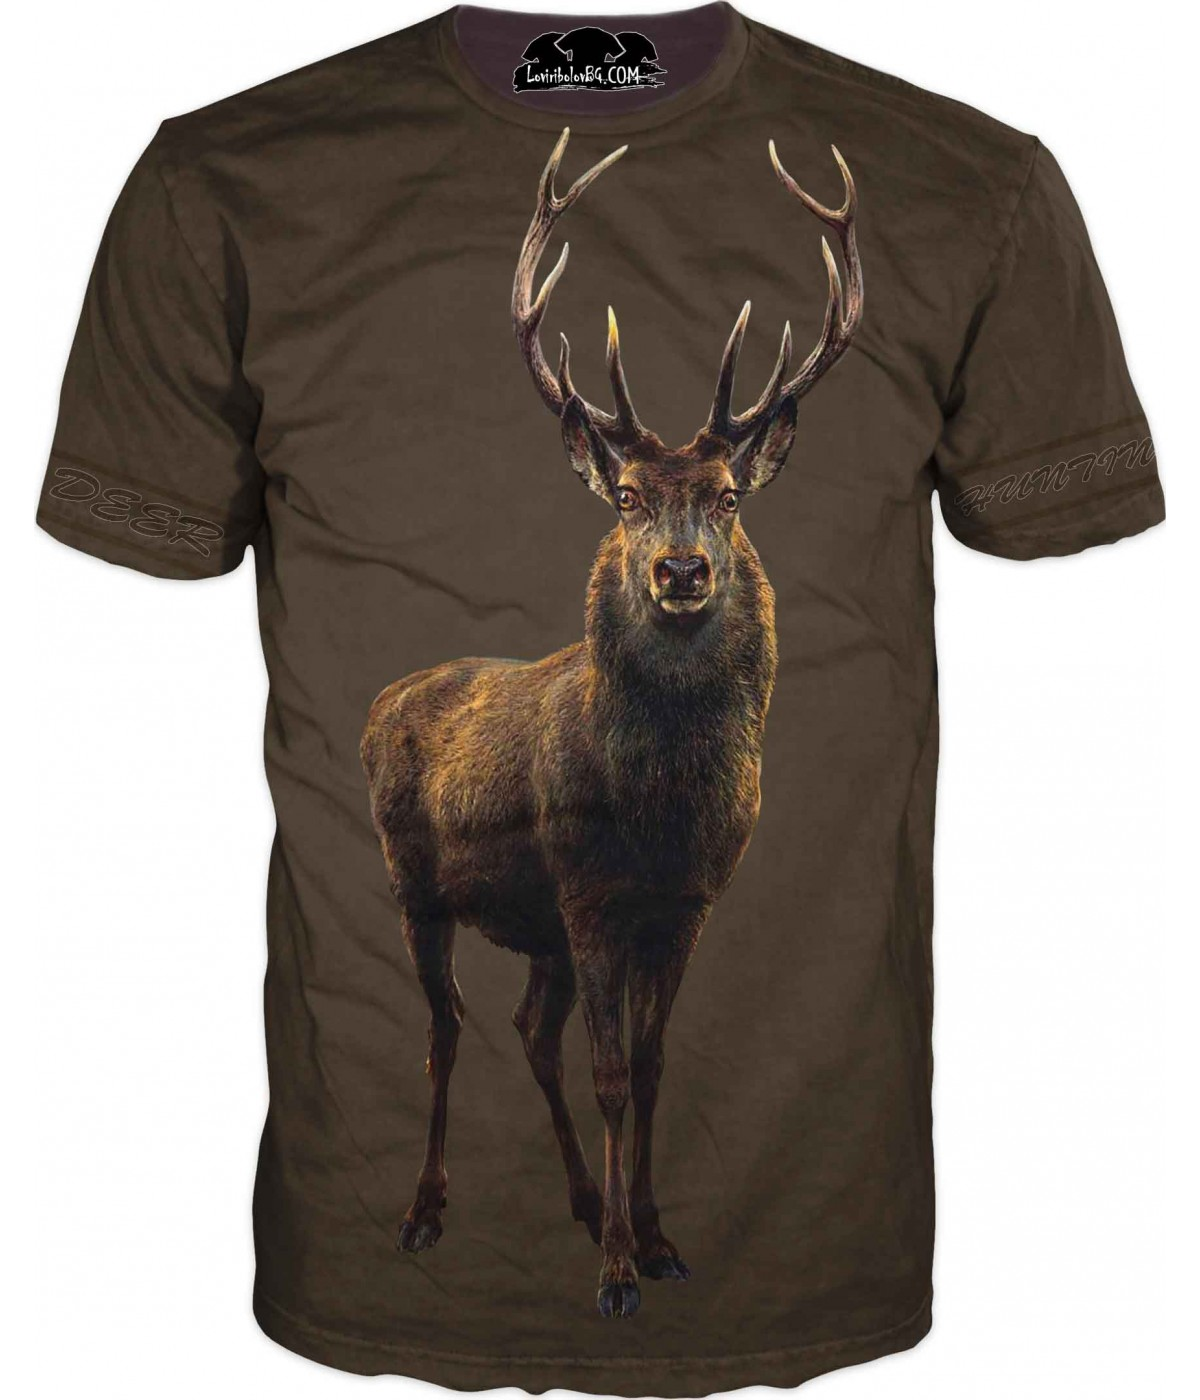 Ловна тениска с елен - кафяв фон